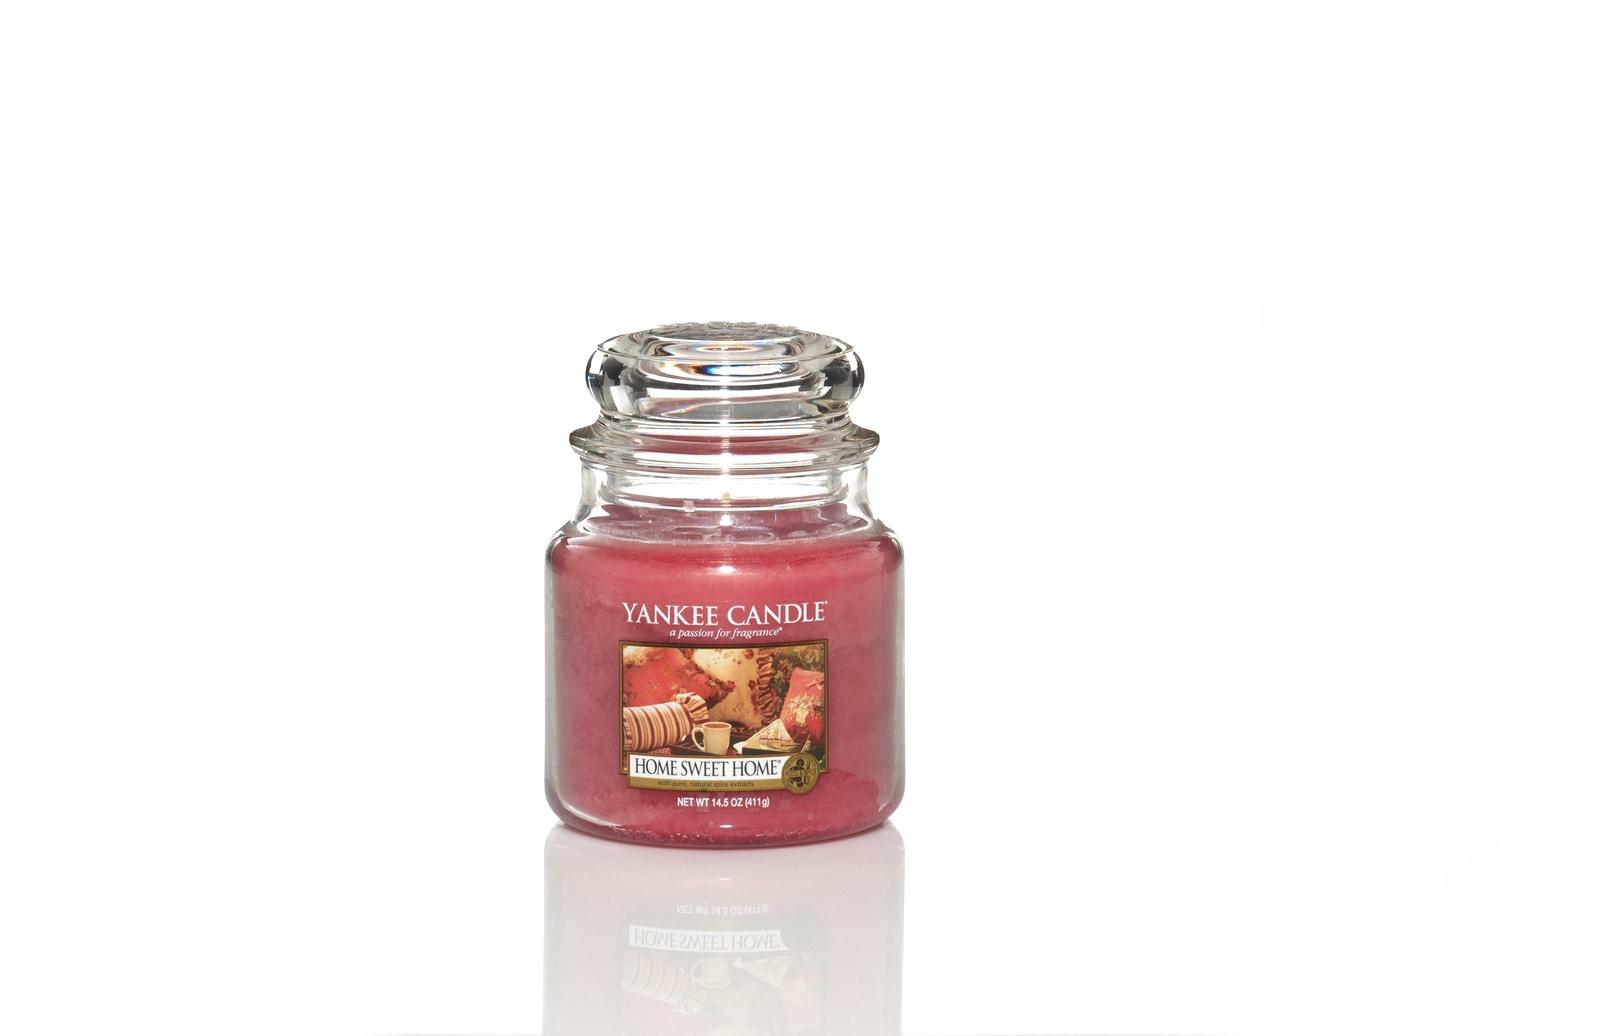 Свеча ароматическая Yankee Candle Дом милый дом/ Home sweet home 65-90 ч свеча столбик уютный мускус actuel ароматическая